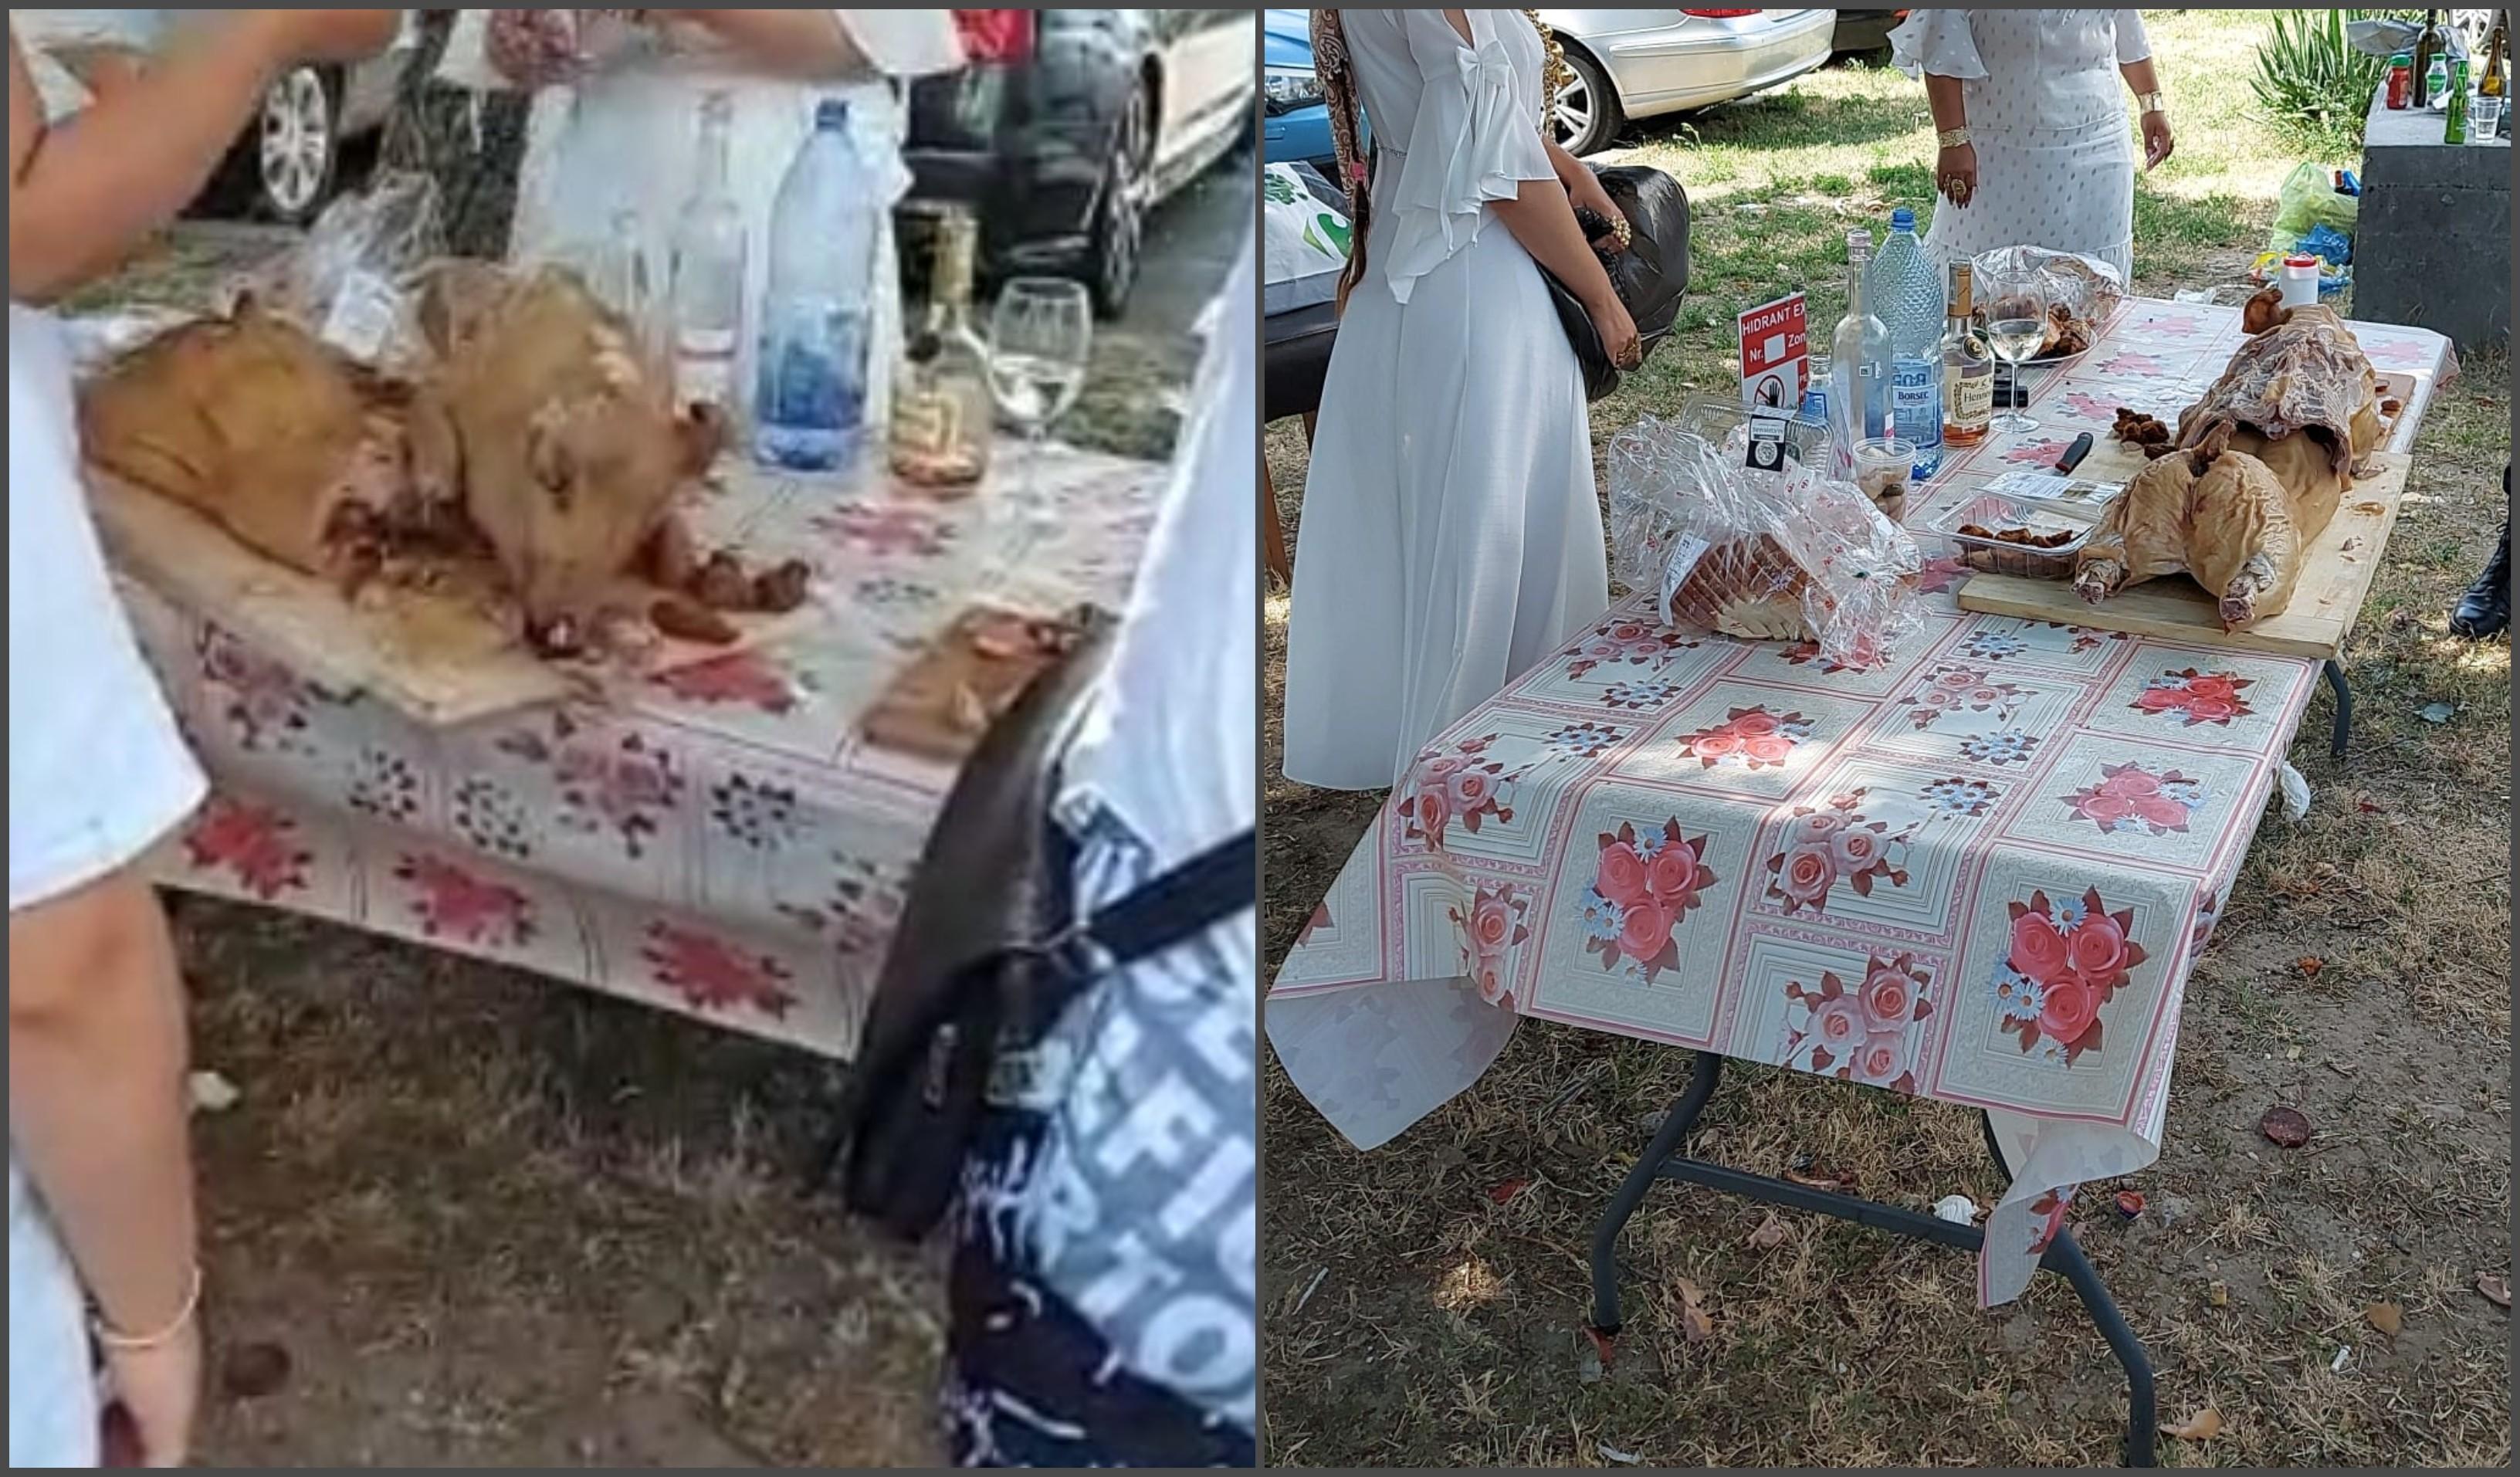 Familii de romi, petrecere cu purcei de lapte la proţap şi băutură, în faţa unui hotel din Mamaia - VIDEO